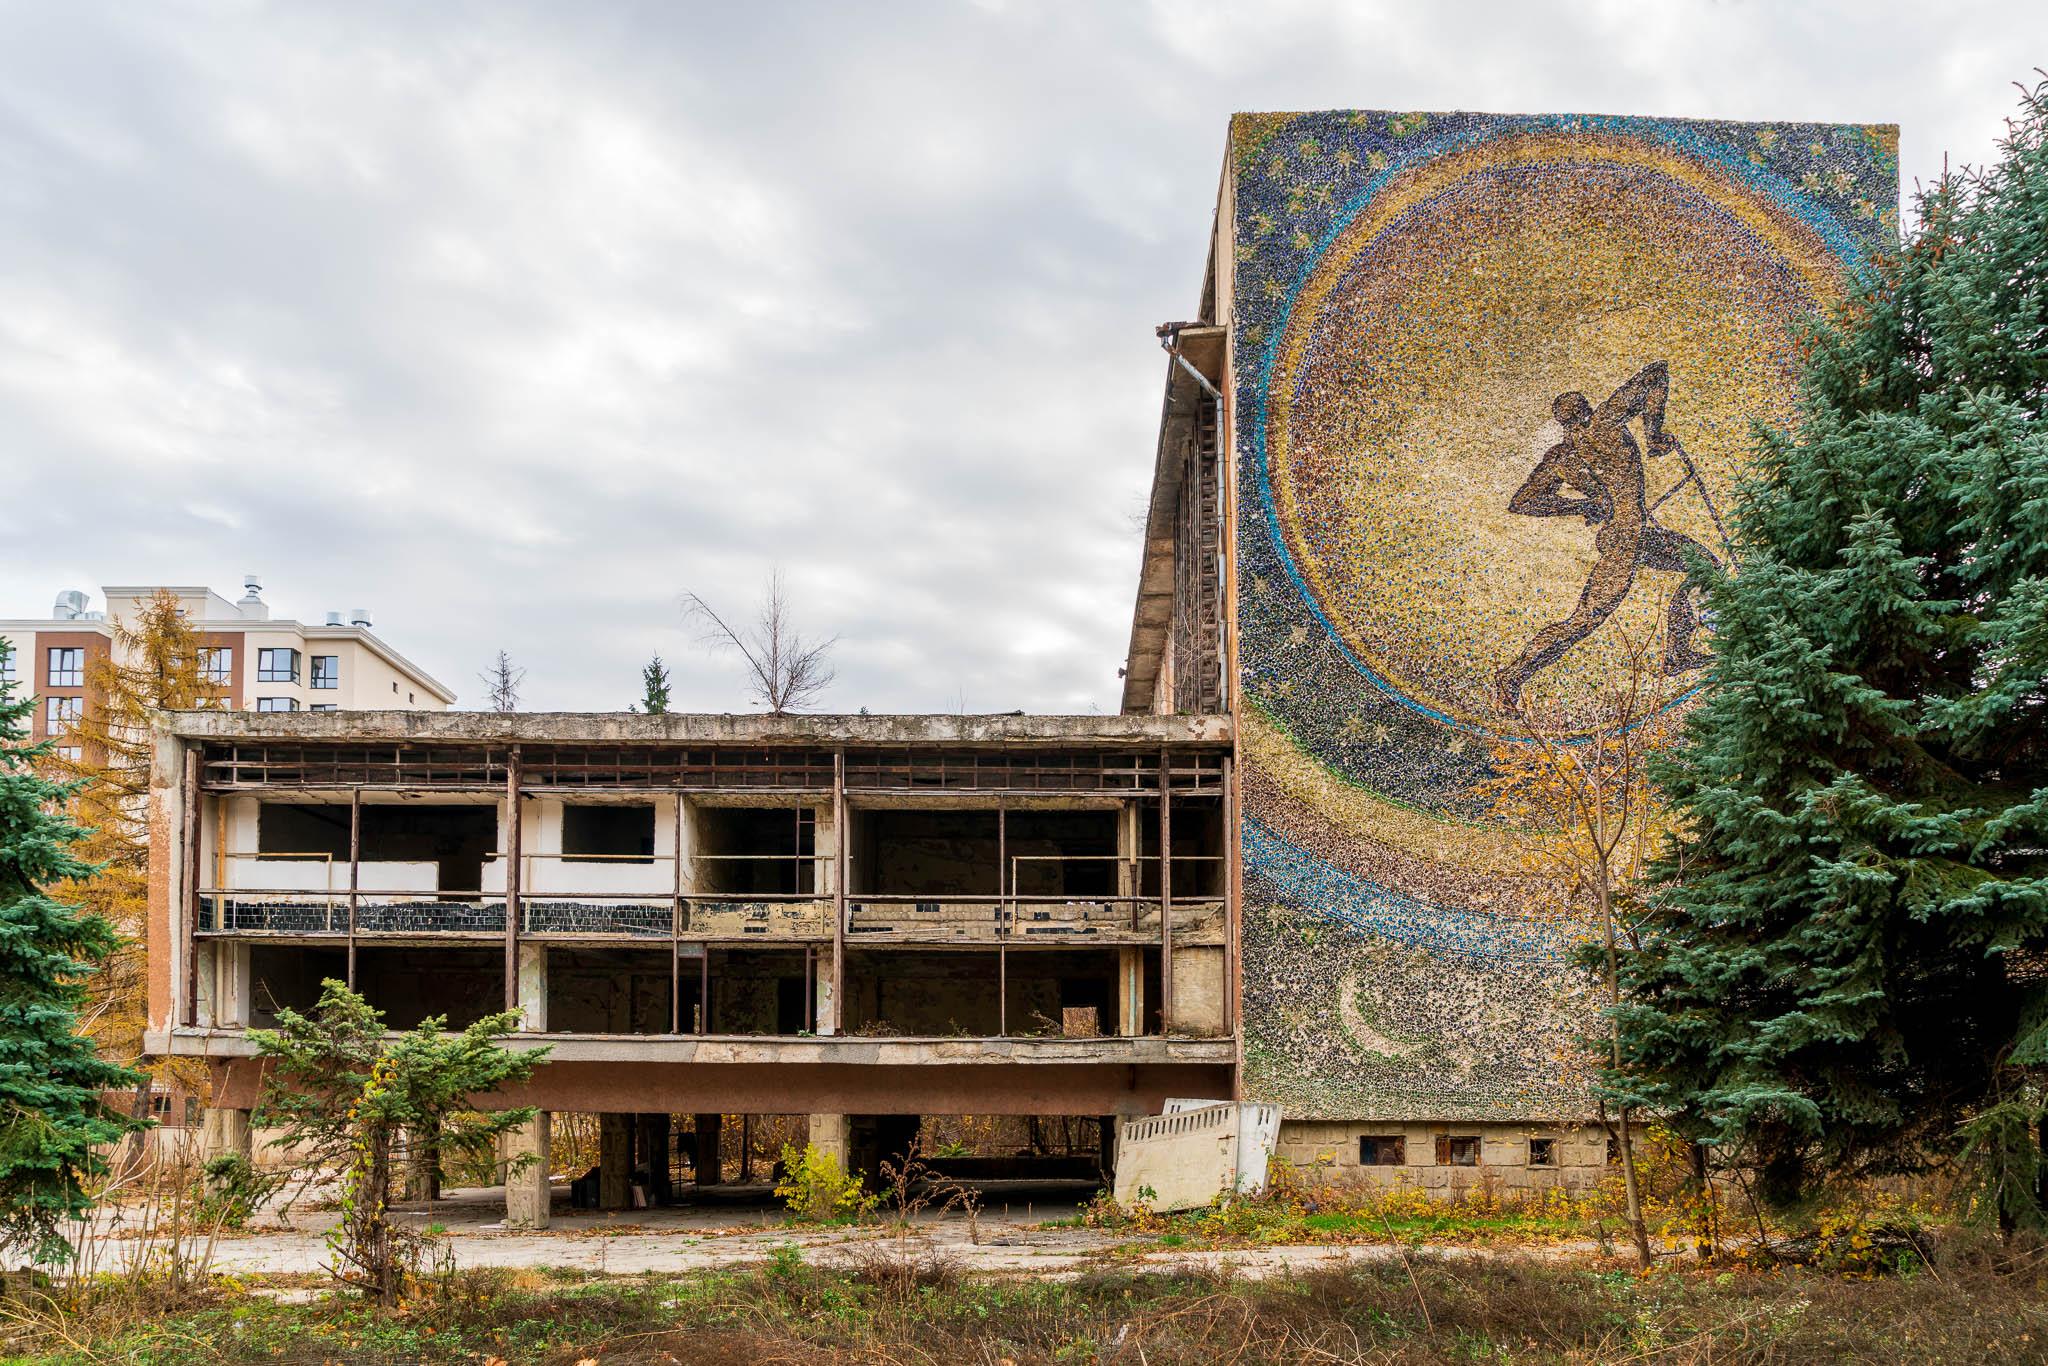 Gagarin Youth Center, Jugendzentrum Gagarin Chișinău